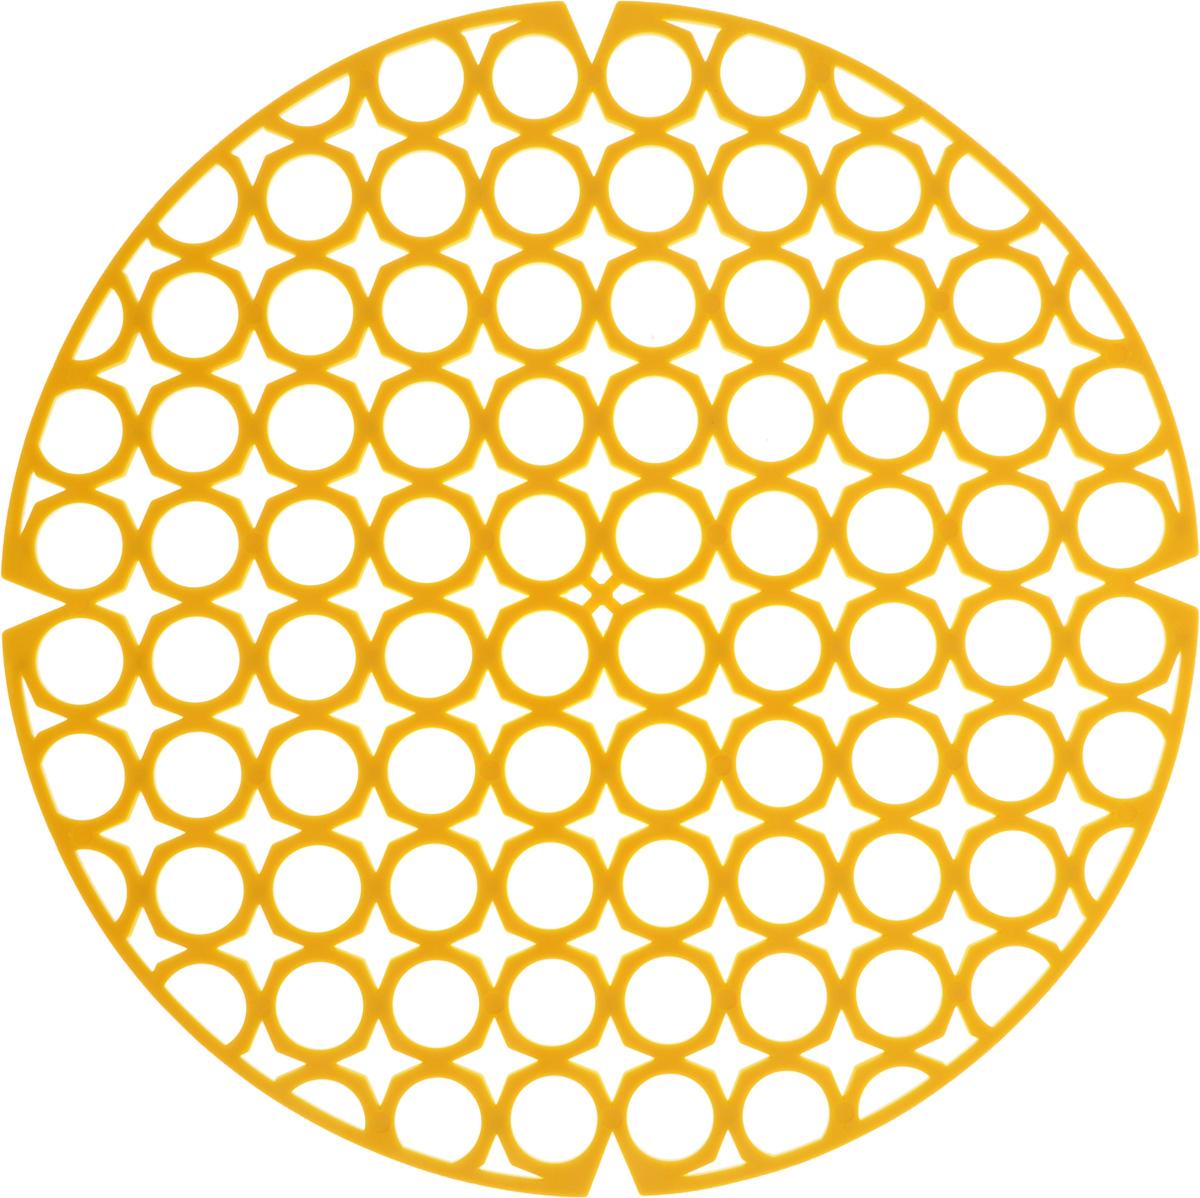 Коврик для раковины York, цвет: желтый, диаметр 27,5 см9560/095600_желтыйСтильный и удобный коврик для раковины York изготовлен из сложных полимеров. Он одновременно выполняет несколько функций: украшает, защищает мойку от царапин и сколов, смягчает удары при падении посуды в мойку. Коврик также можно использовать для сушки посуды, фруктов и овощей. Он легко очищается от грязи и жира. Диаметр: 27,5 см.